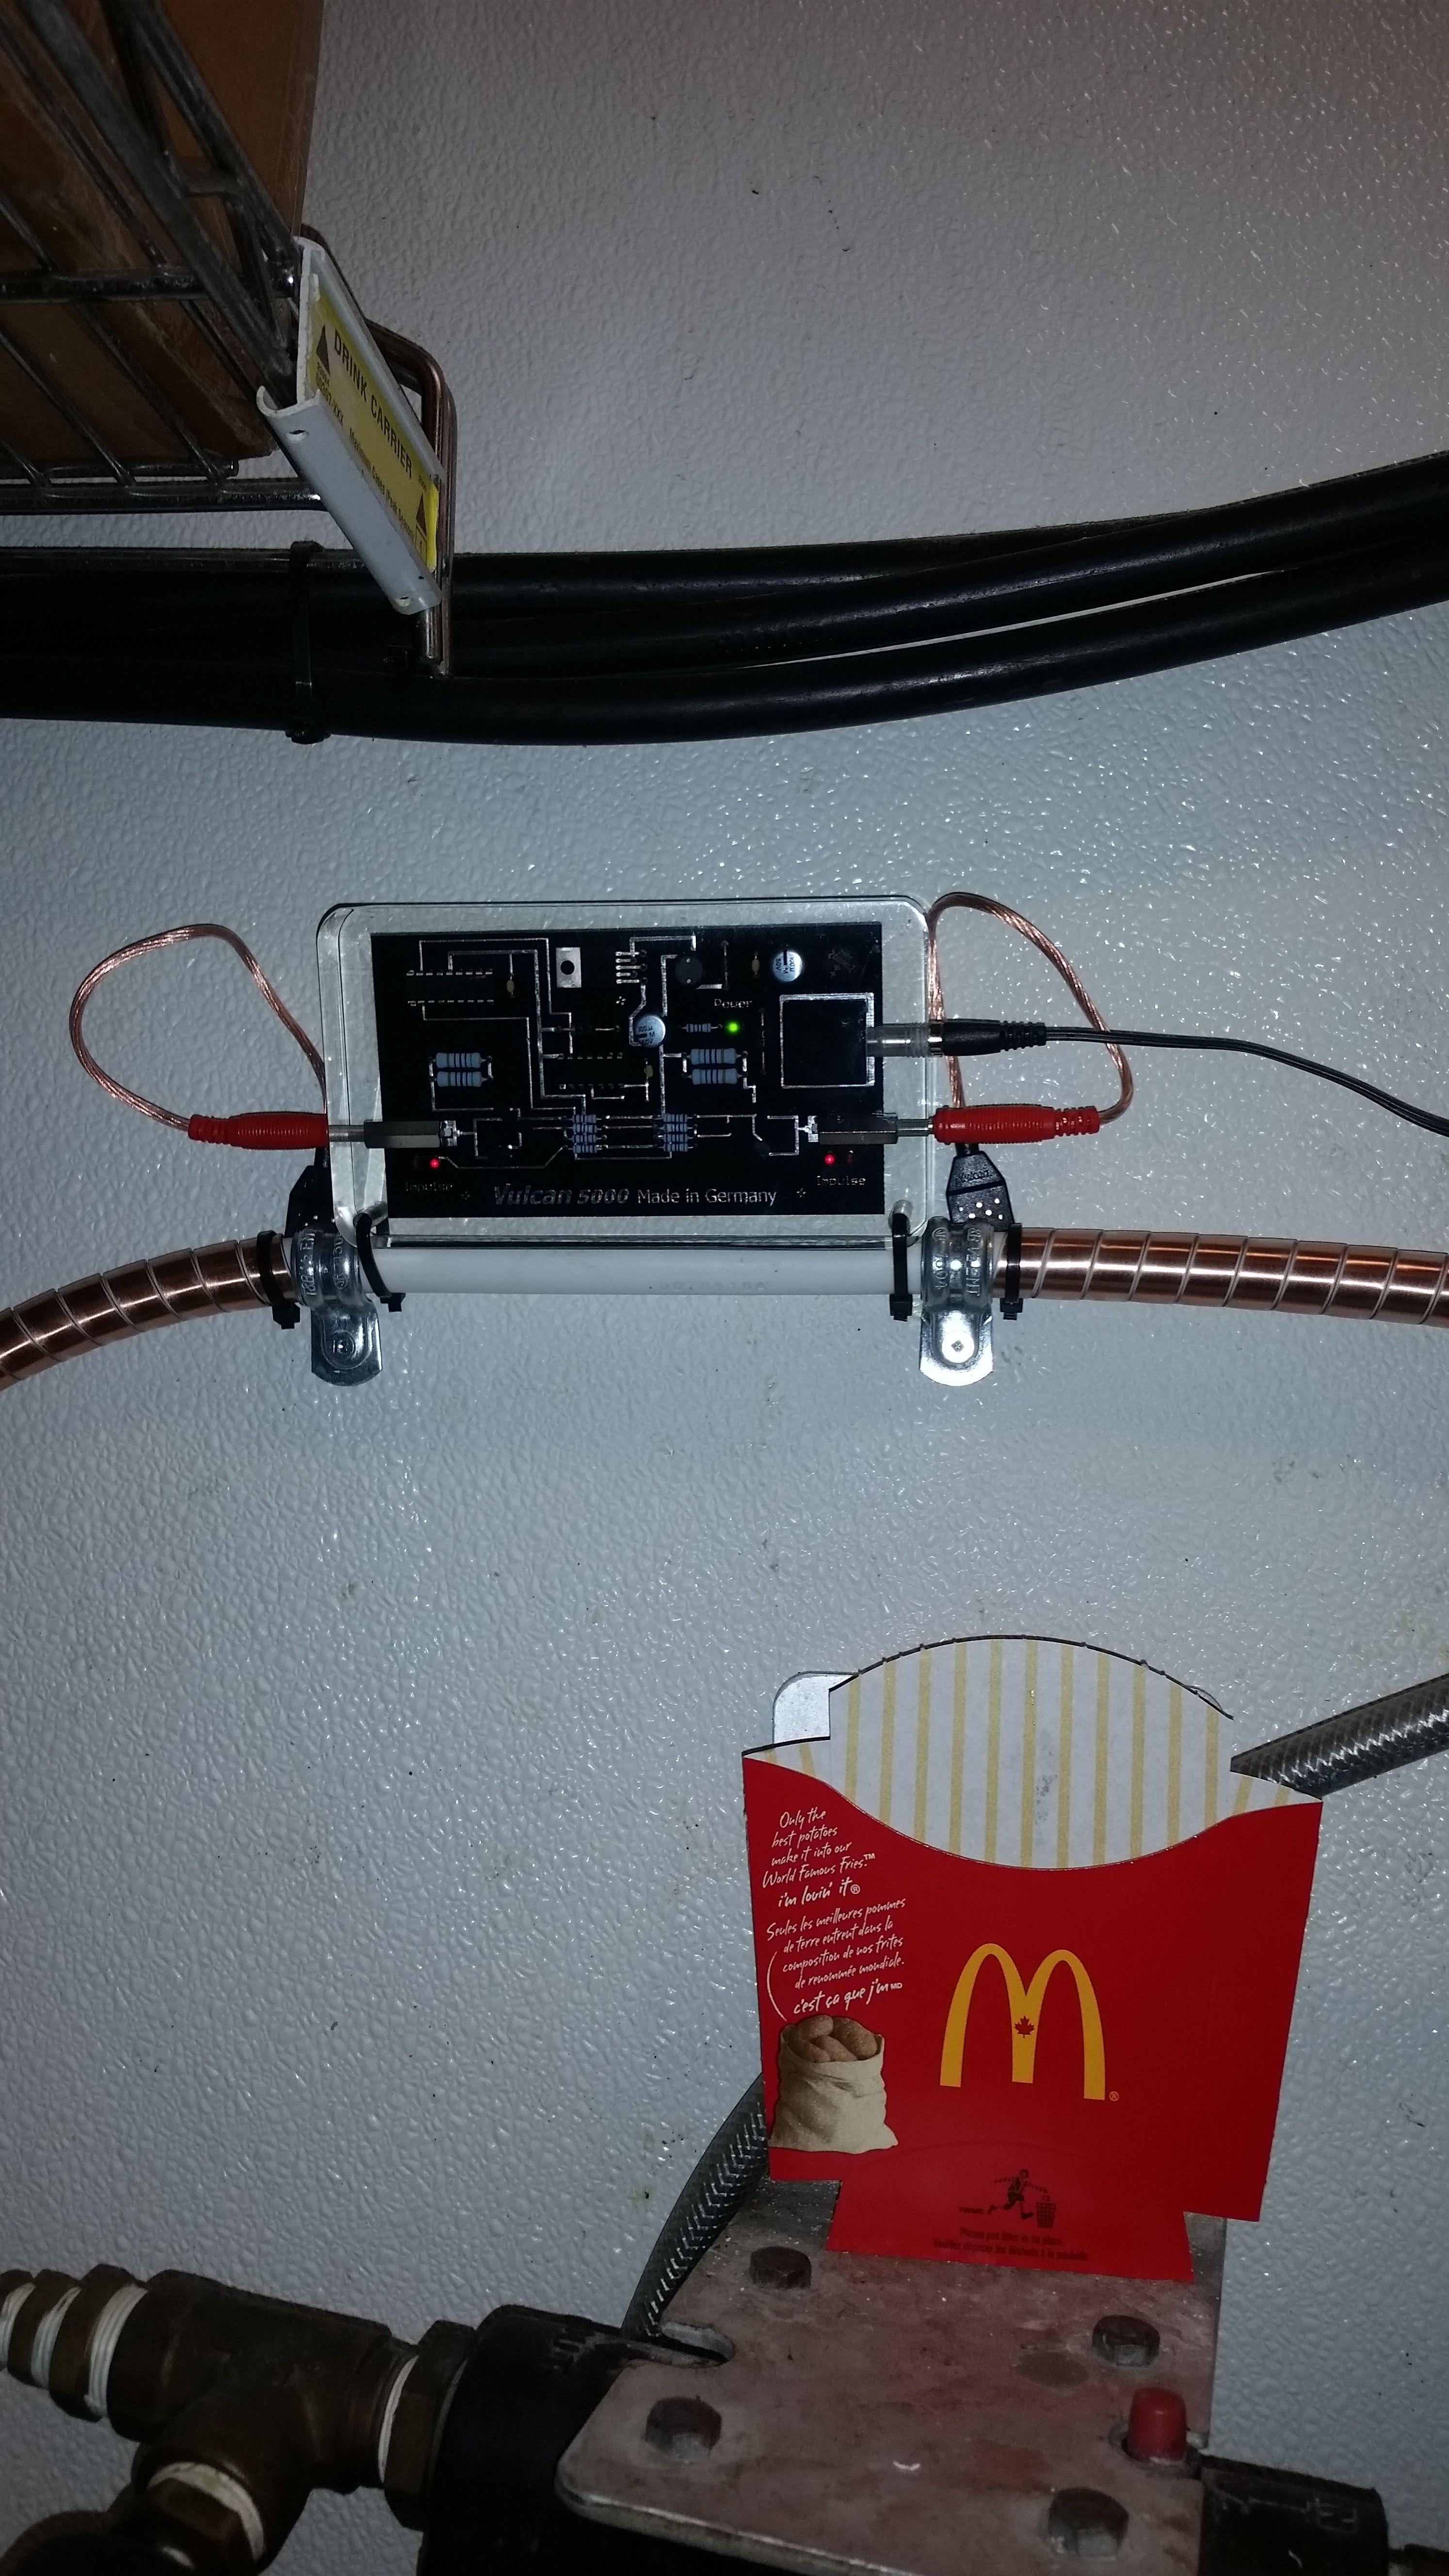 Vulcan5000 Install McDonald's Orillia April 14, 2015